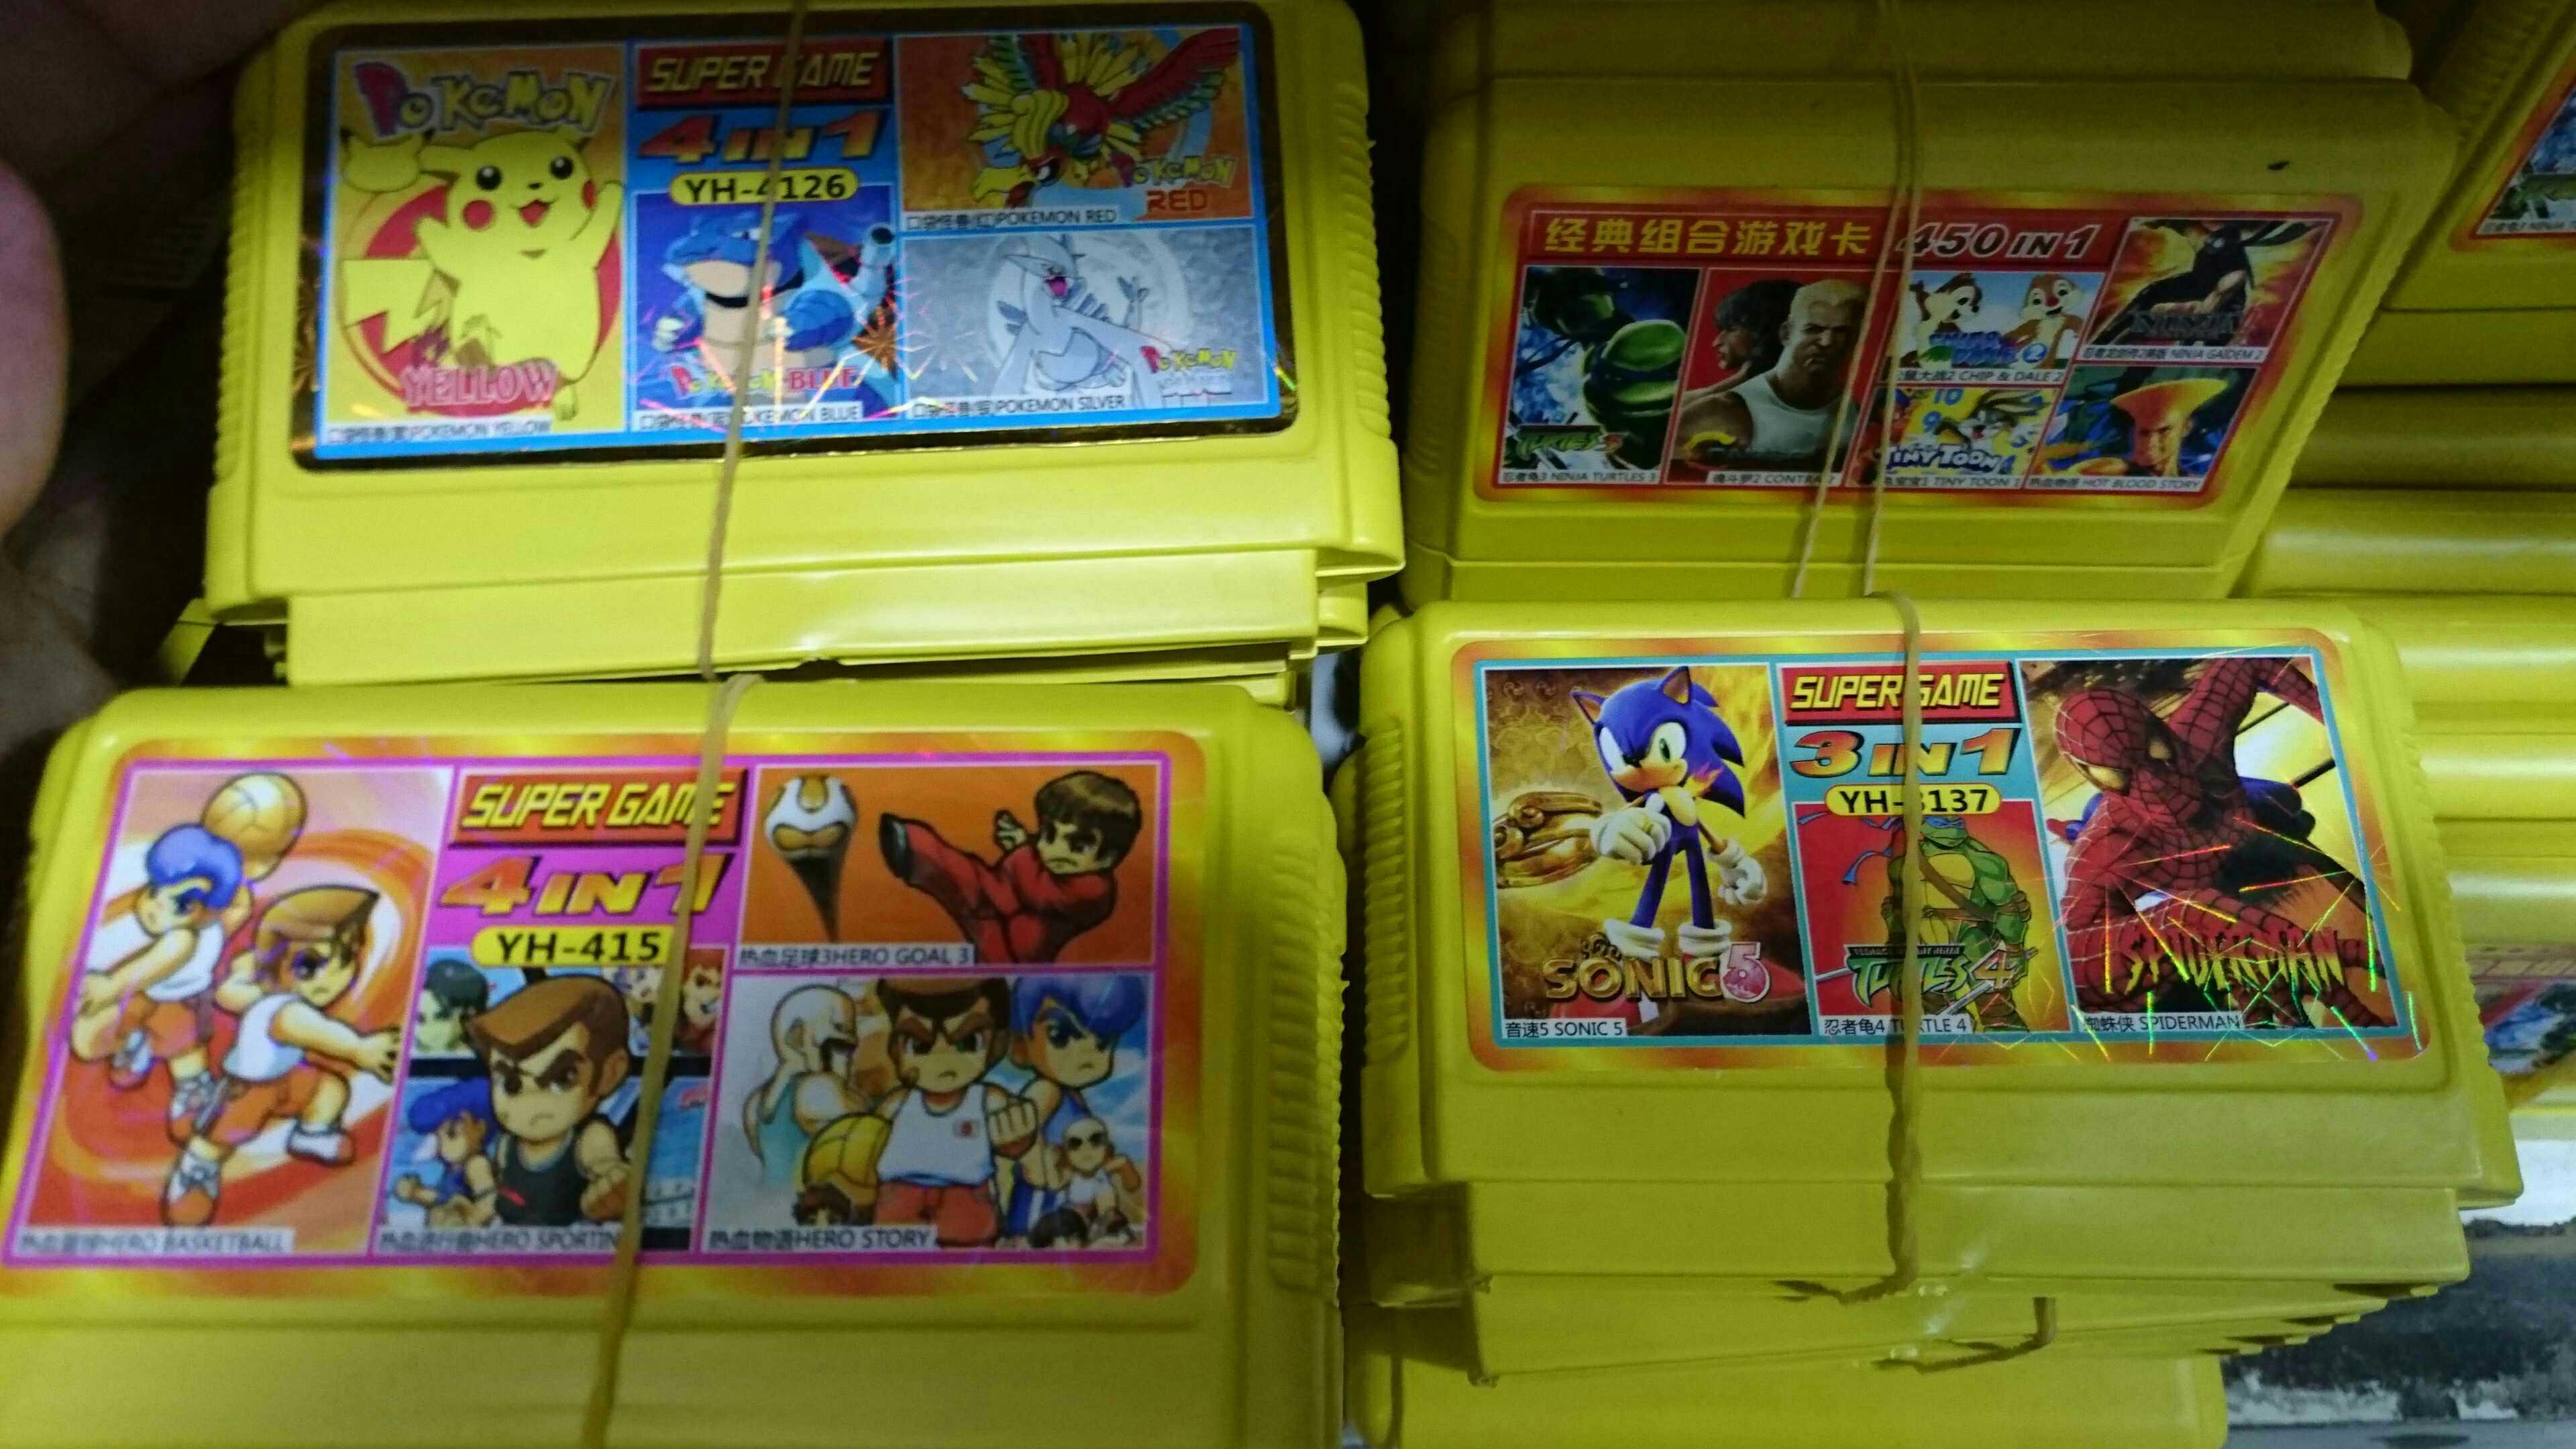 8 позиция игровой автомат специальный игра карта игра желтая карточка горячей кровь футбол душа борьба ло серия бак ниндзя черепаха